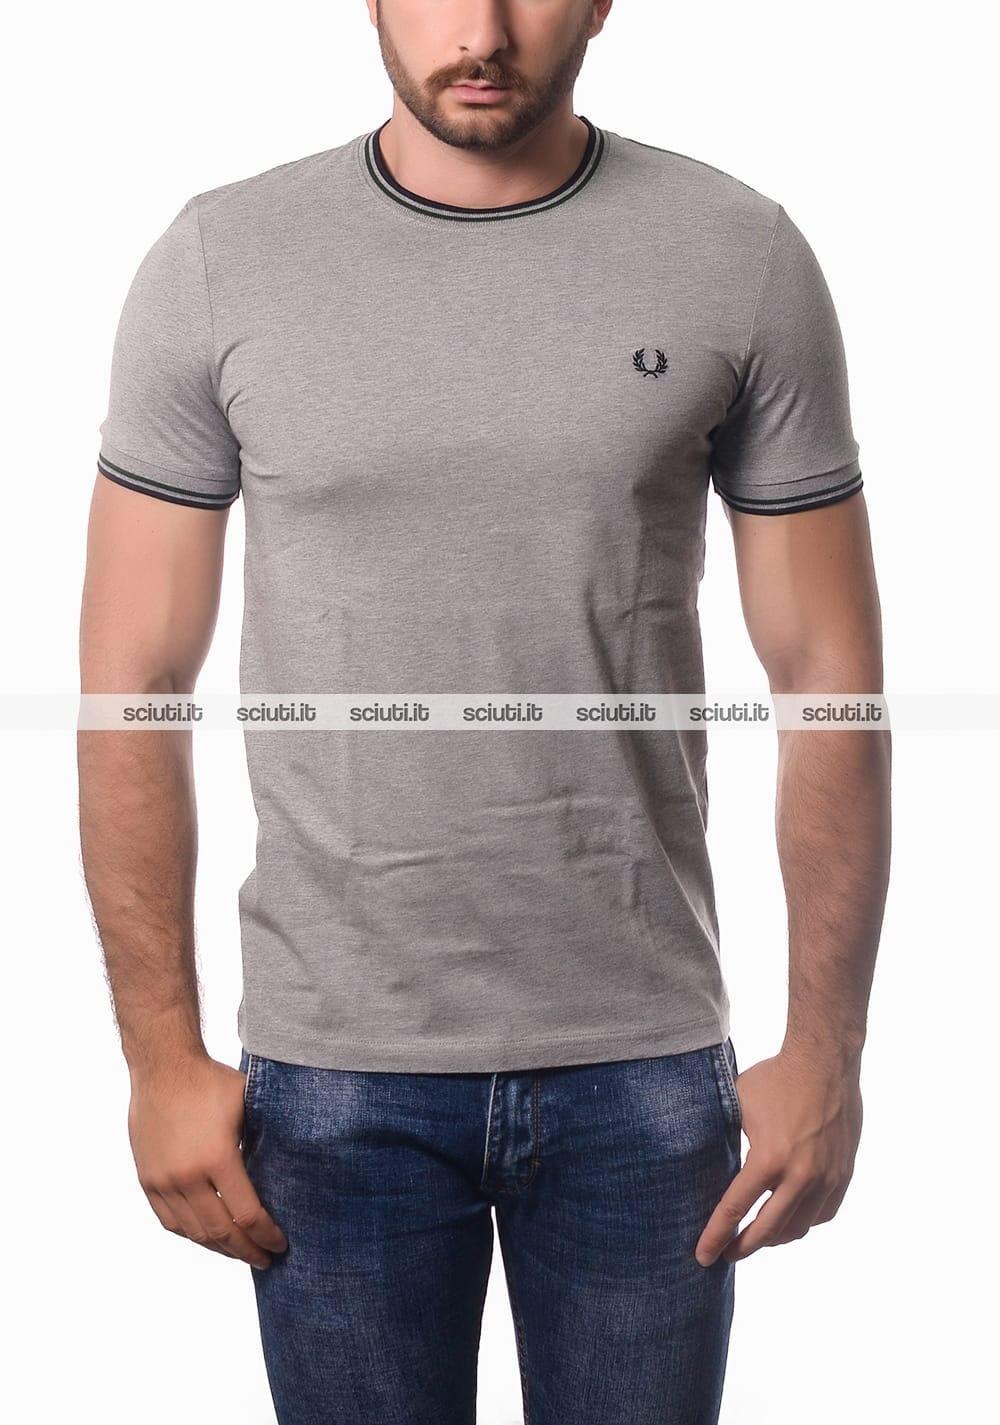 bb6d386b0e Tshirt Fred Perry uomo twin tipped grigio | Sciuti.it